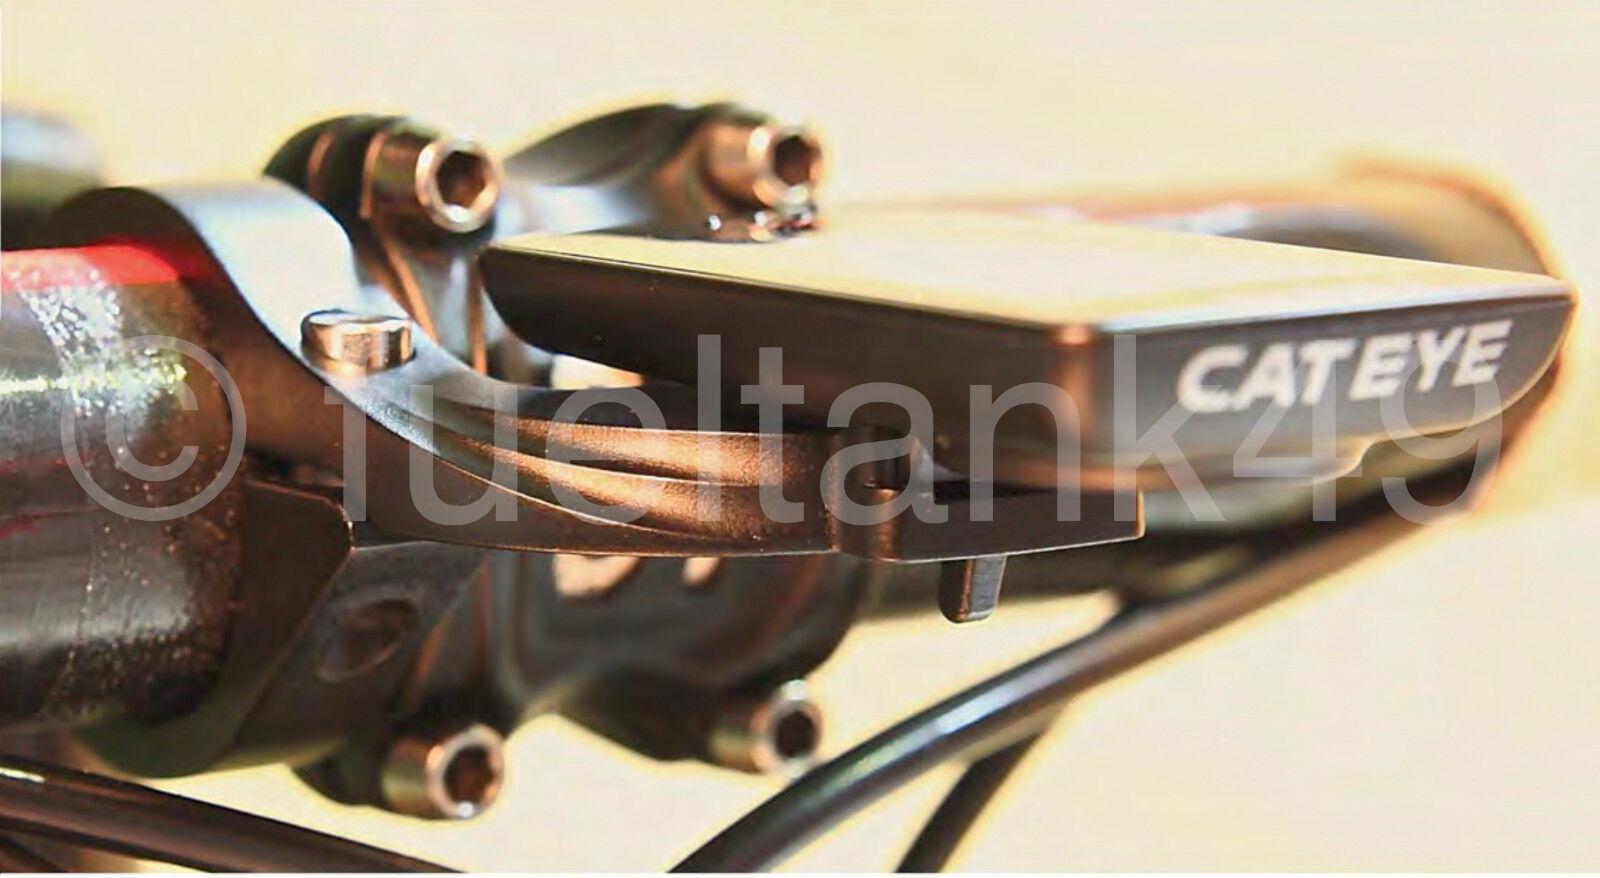 Cateye out front ordinateur mount cyclisme ordinateur front support dec01d